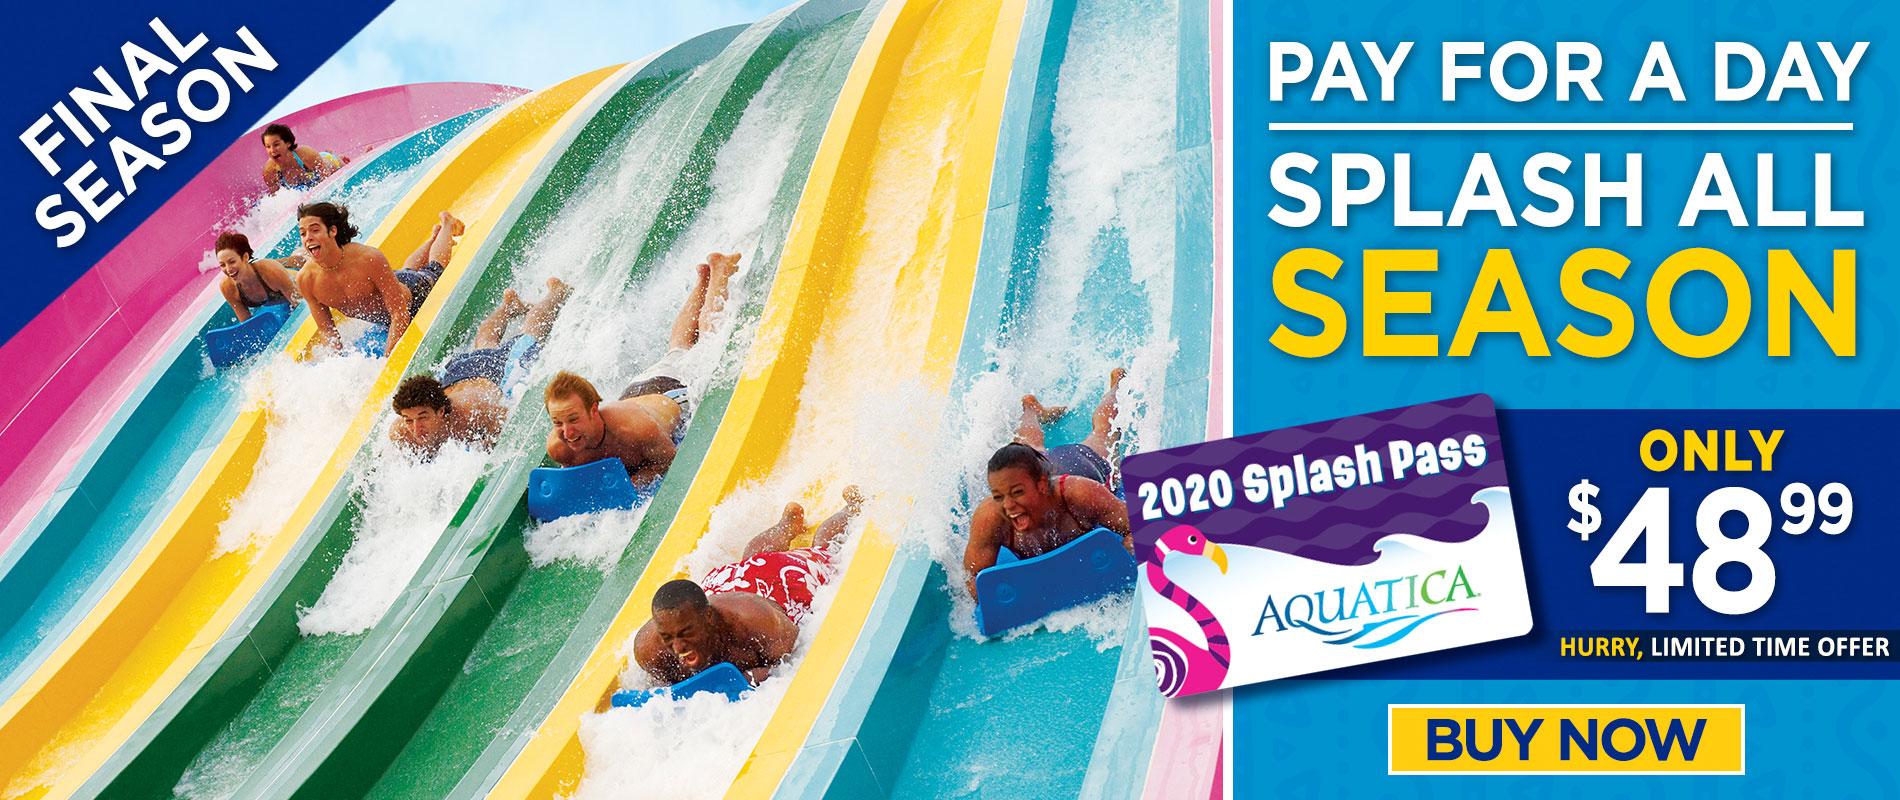 2020 Splash Pass